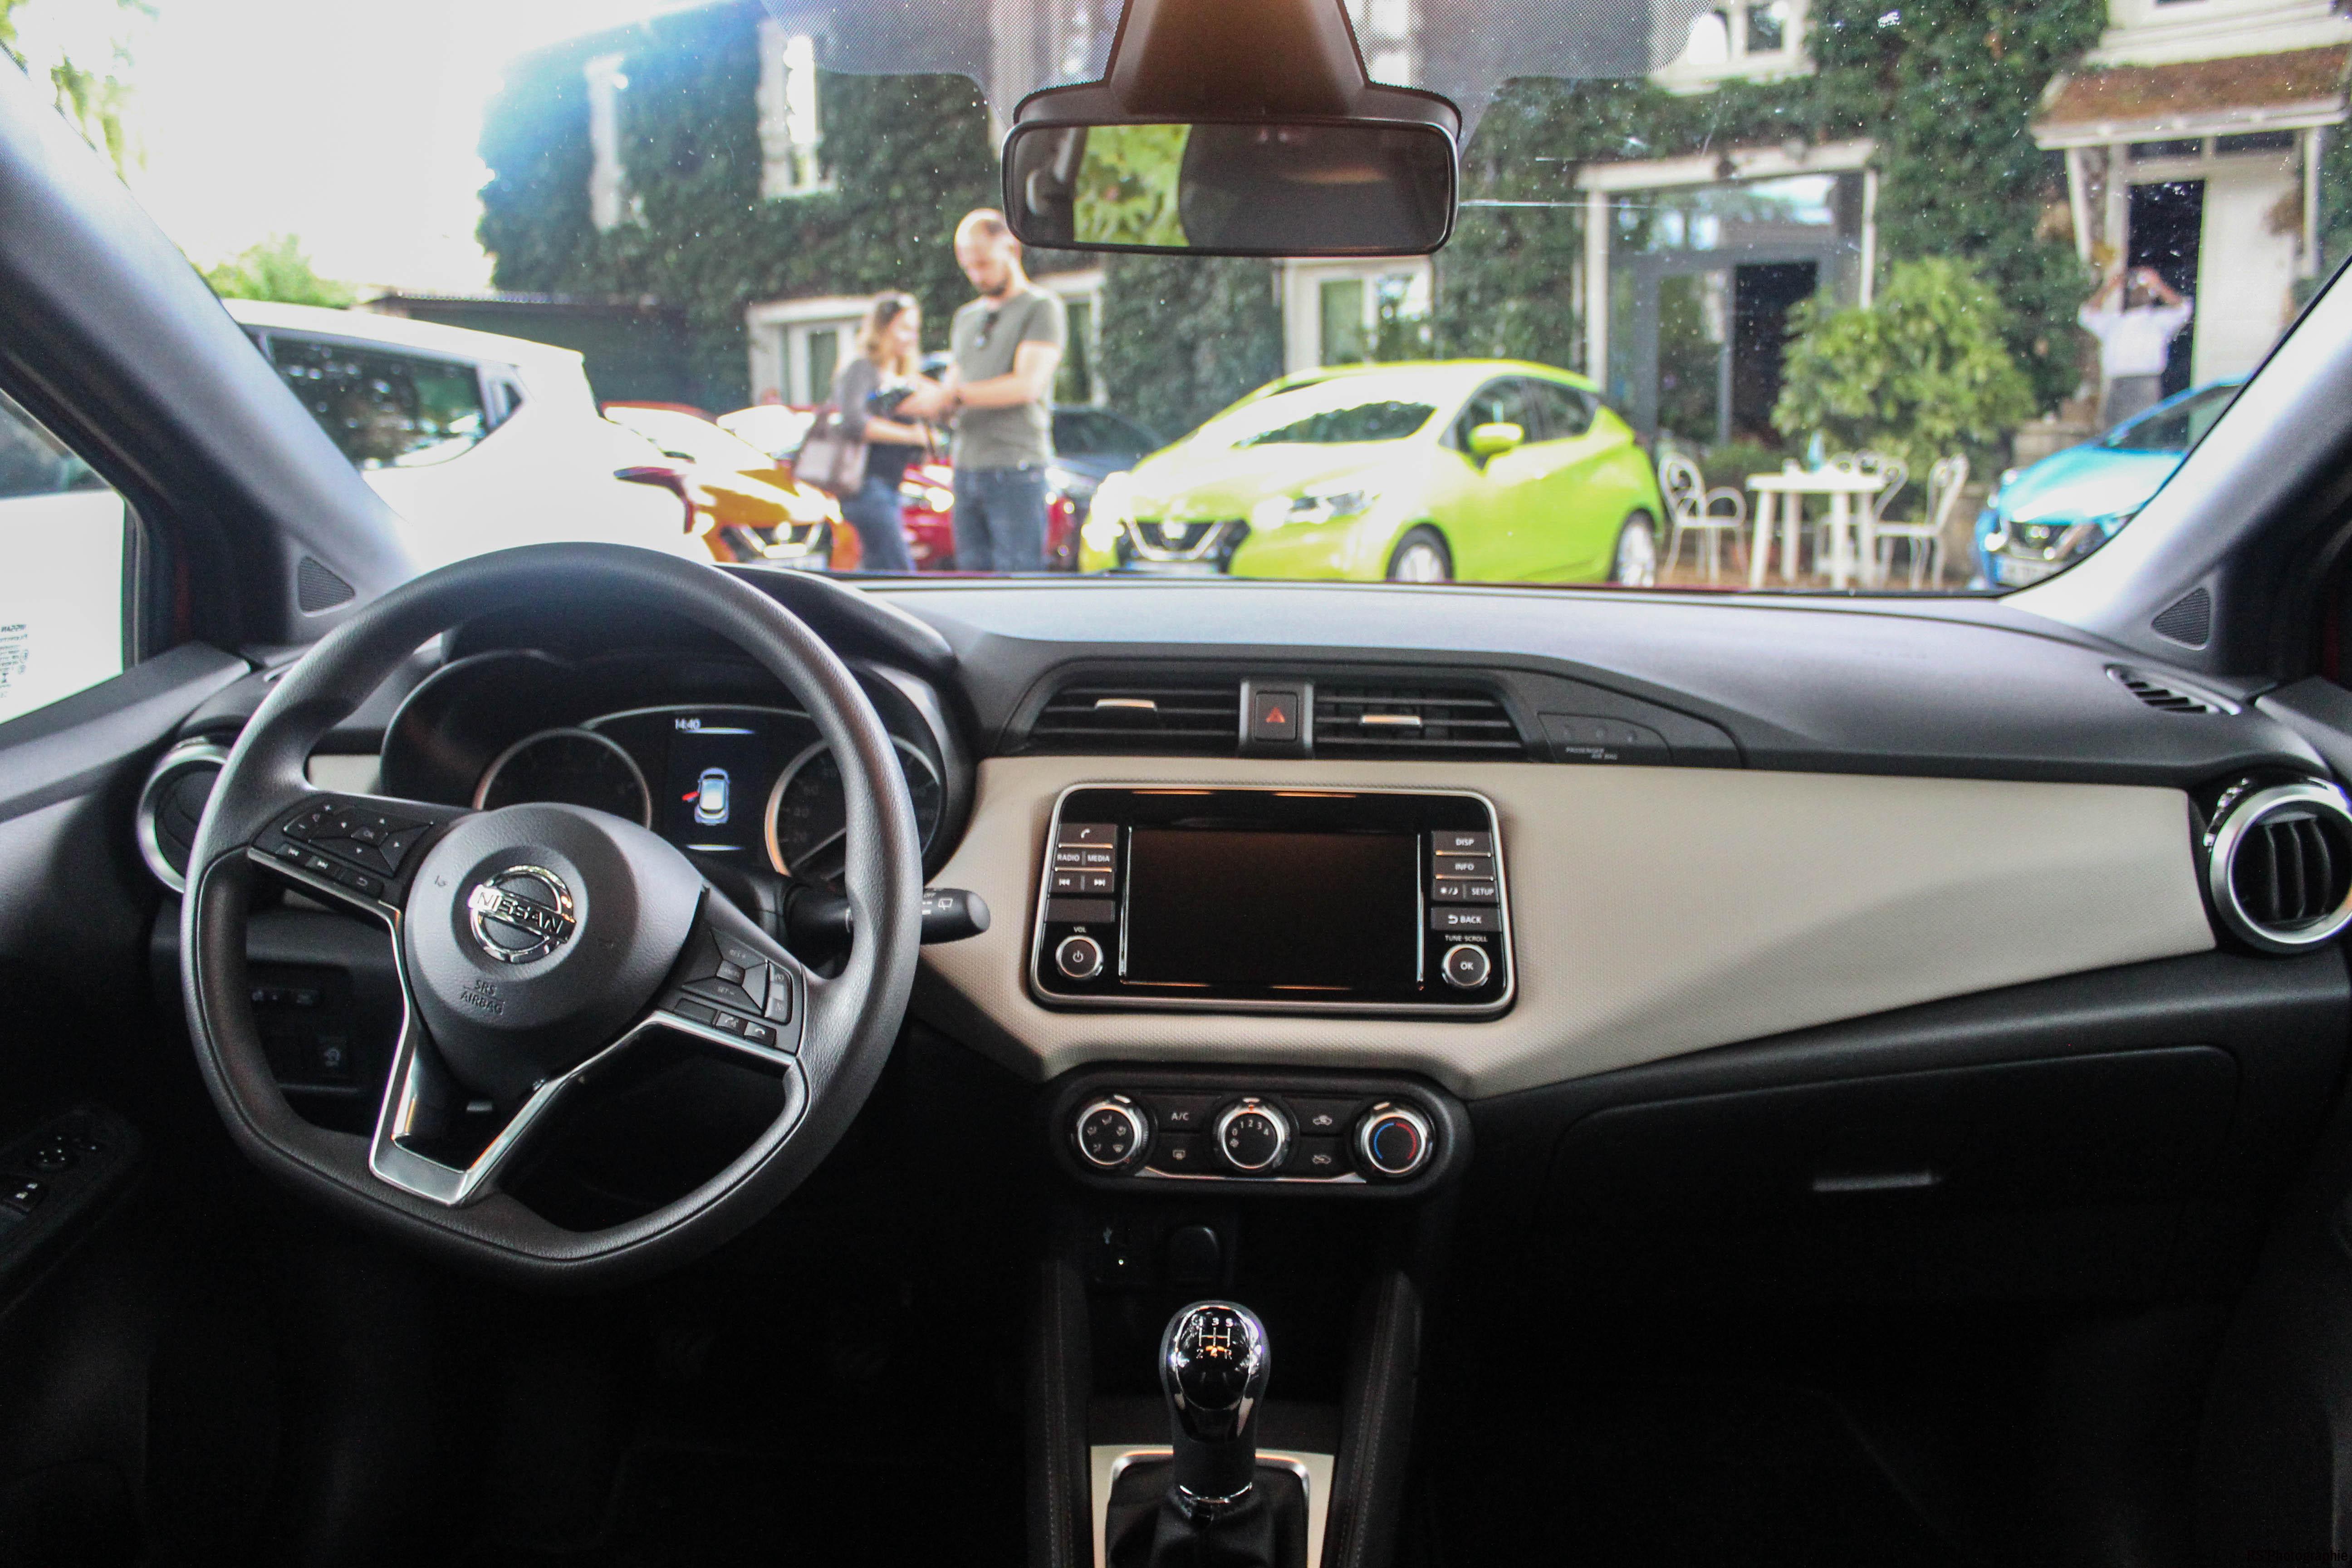 Madeinfrance, à la découverte de la Nissan Micra